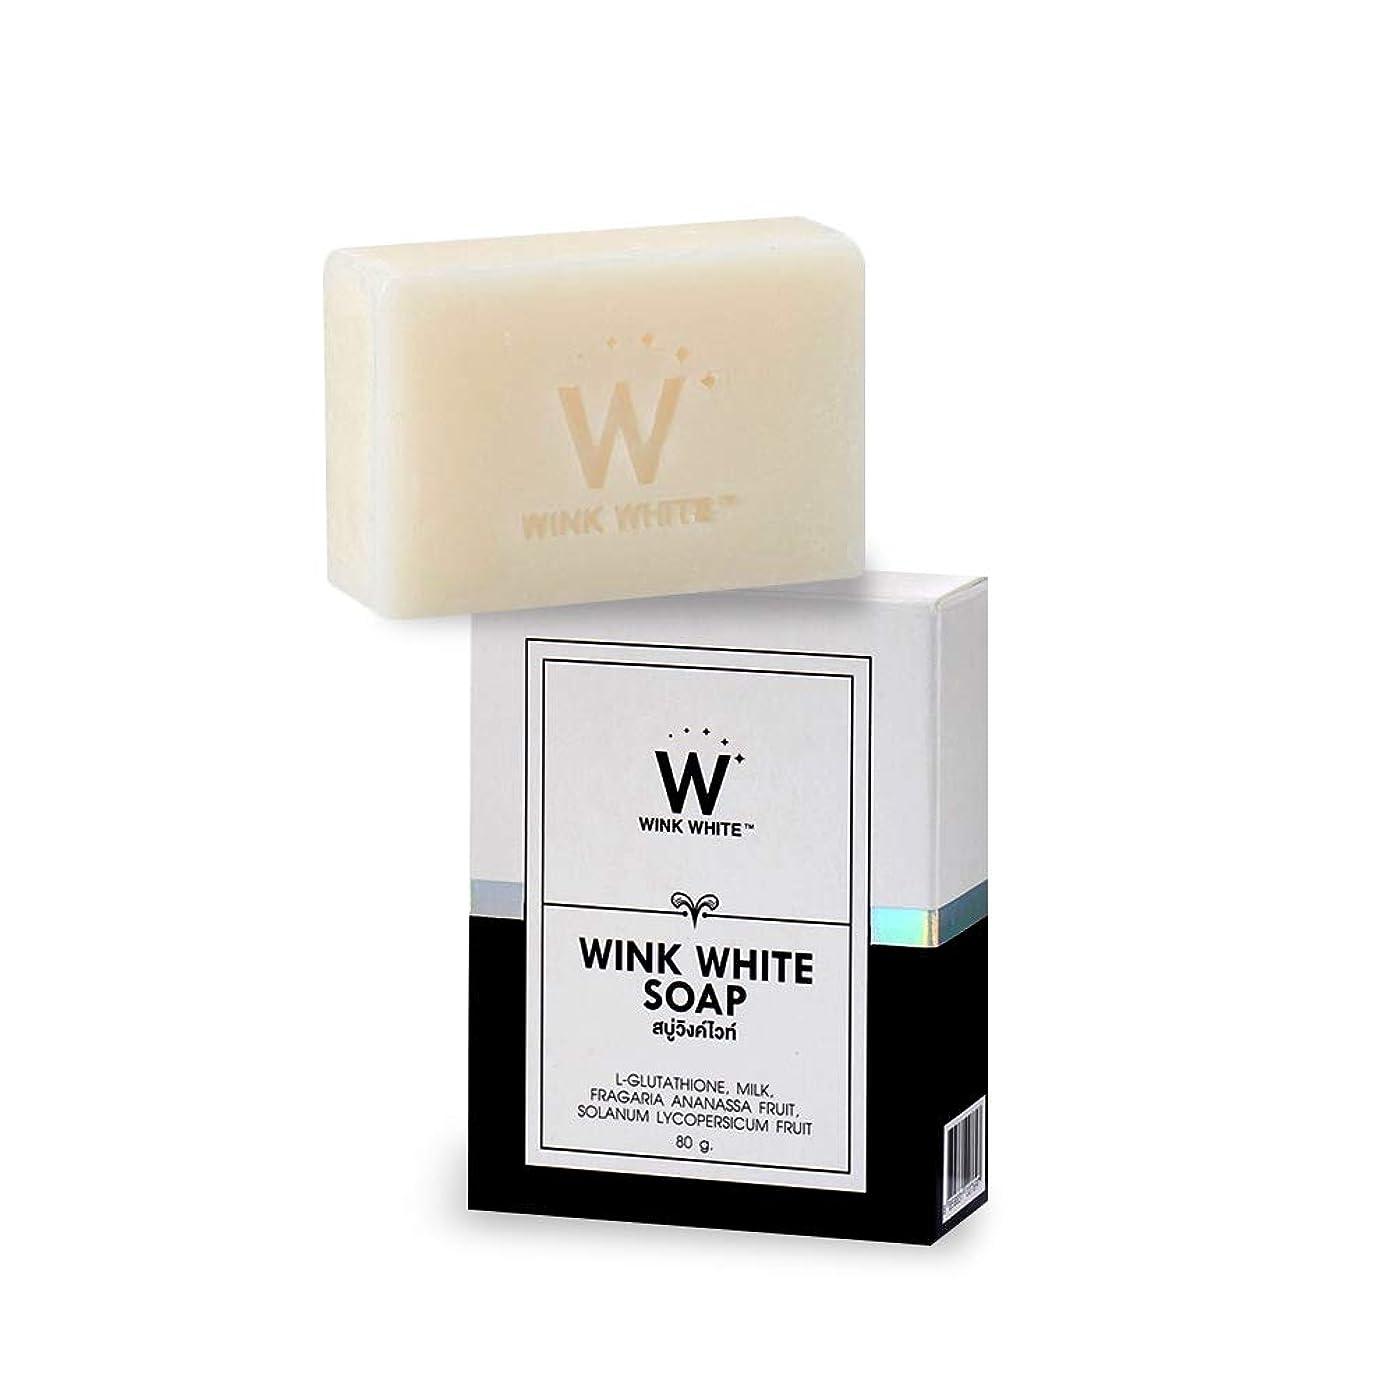 緩めるとんでもないヒゲクジラMangos Teen White Soap Base Wink White Soap Gluta Pure Skin Body Whitening Strawberry for Whitening Skin All Natural Milled Goats Milk 1 Bar 80g